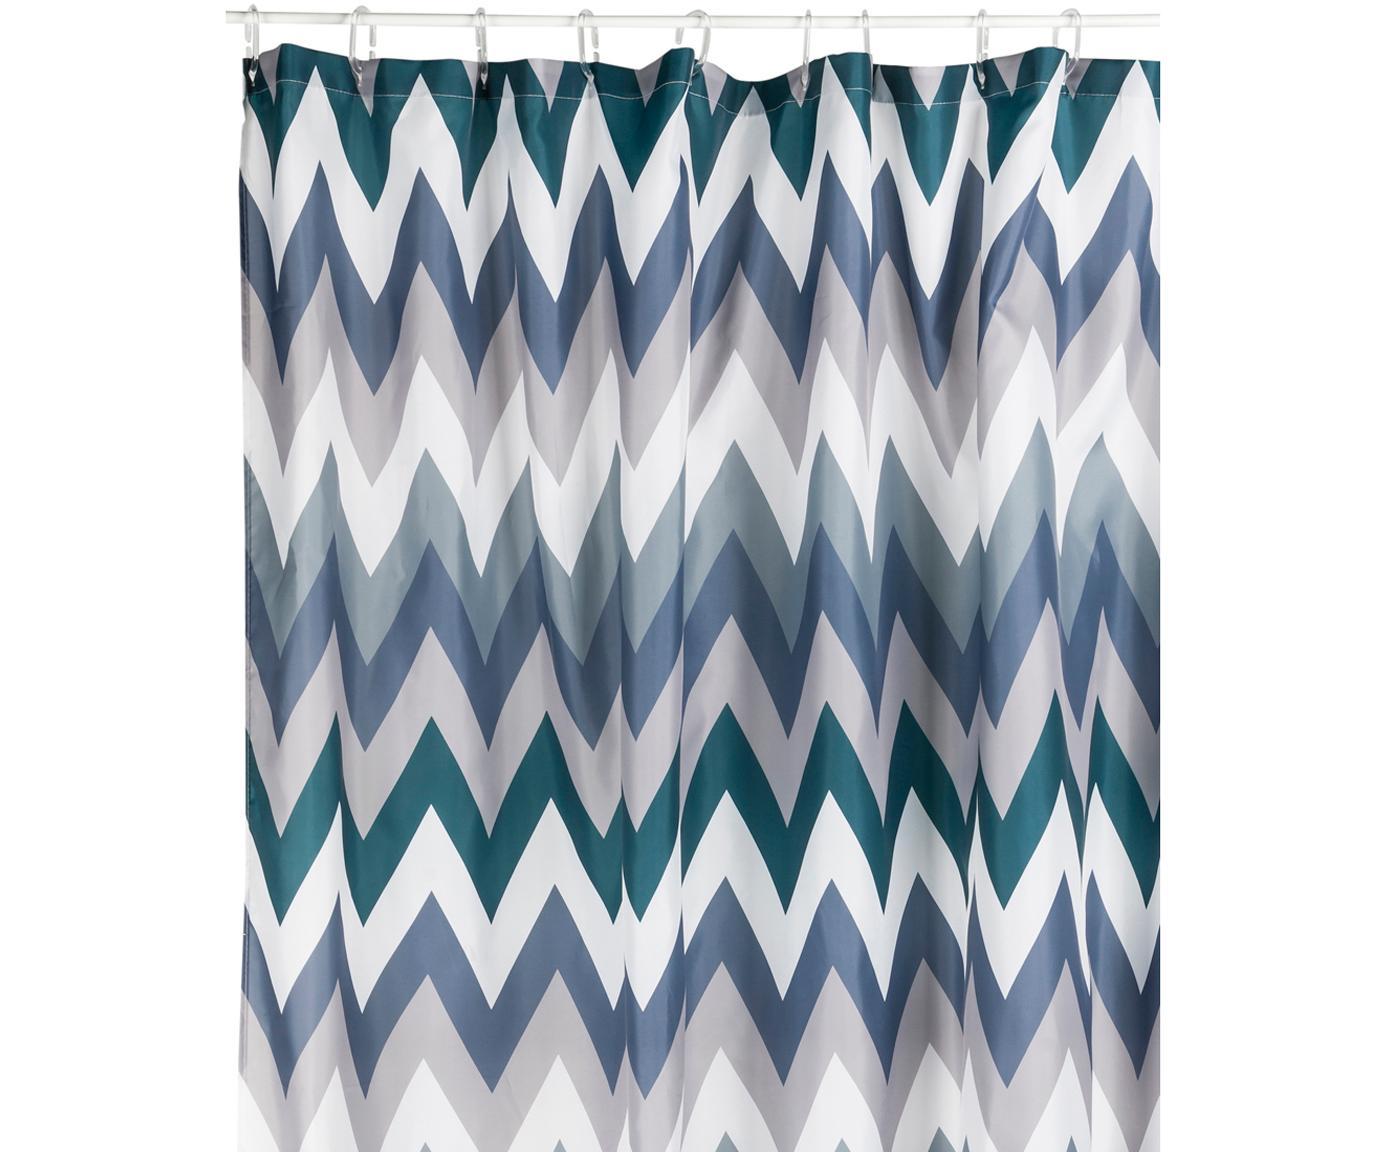 Douchegordijn Hanneke met zigzag patroon, Polyester, Blauw, grijs, wit, groen, 180 x 200 cm